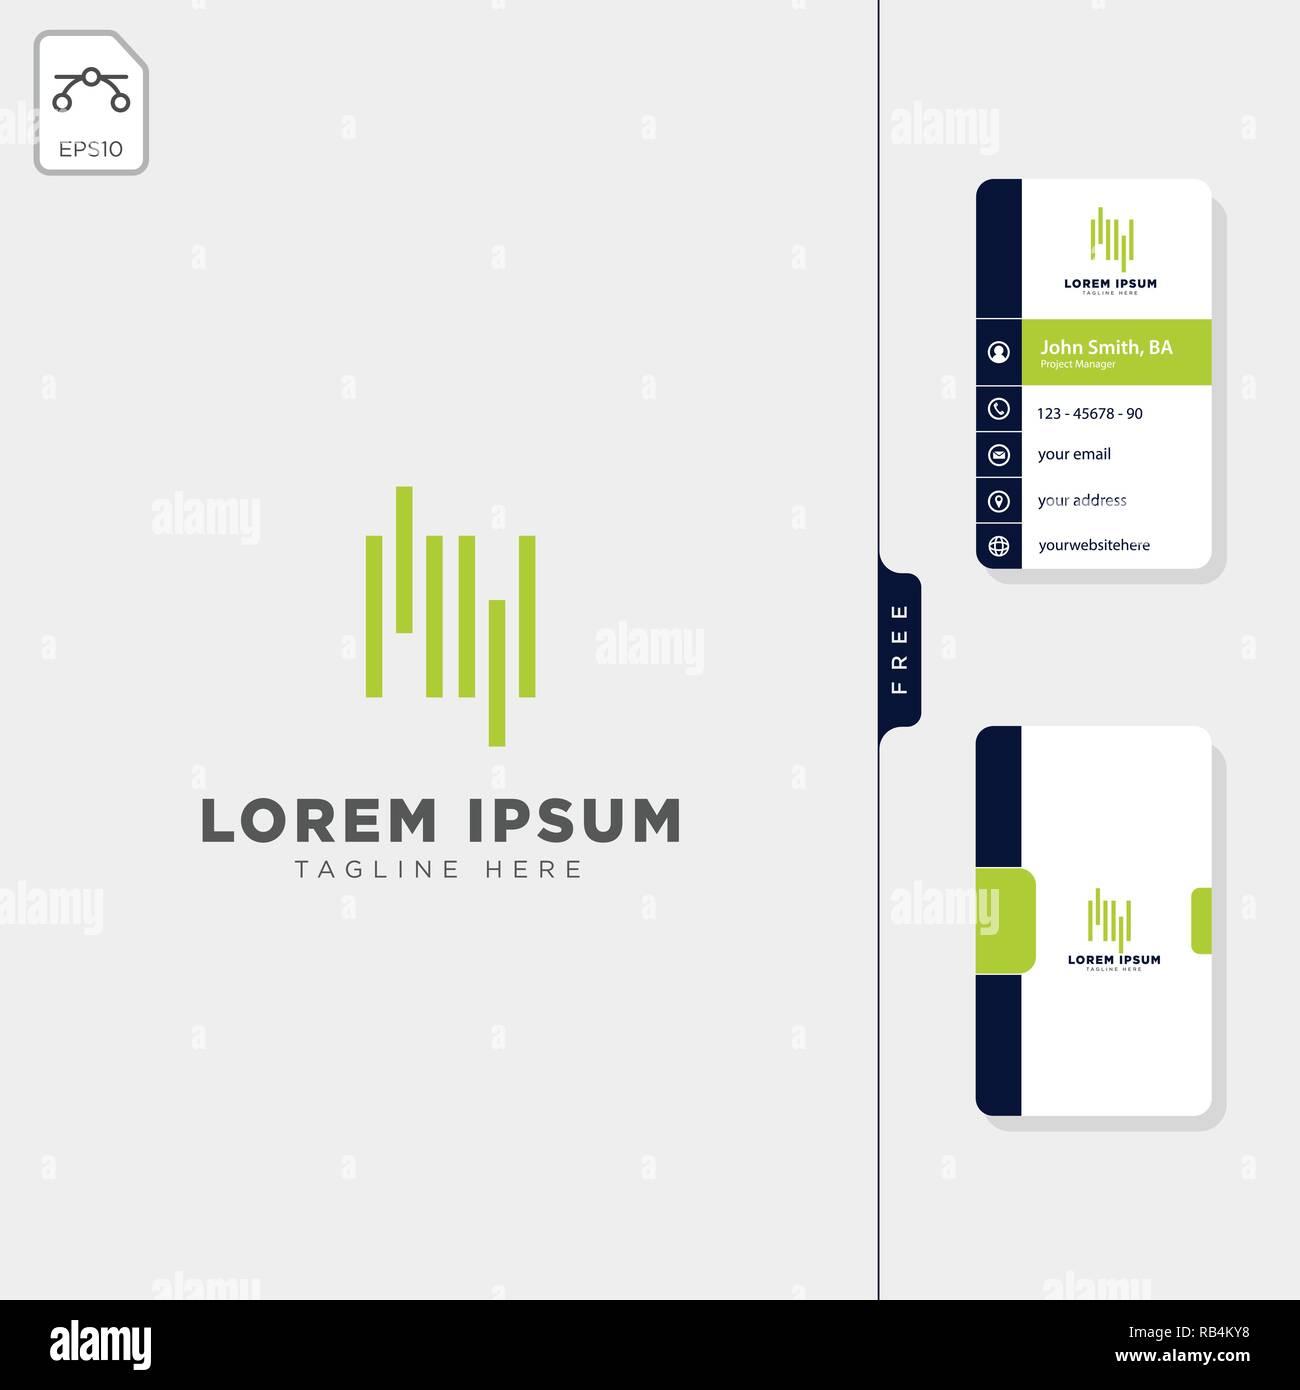 MV Minime Vague Initiale Modele Logo Vector Illustration Obtenez Gratuitement Un De Conception Carte